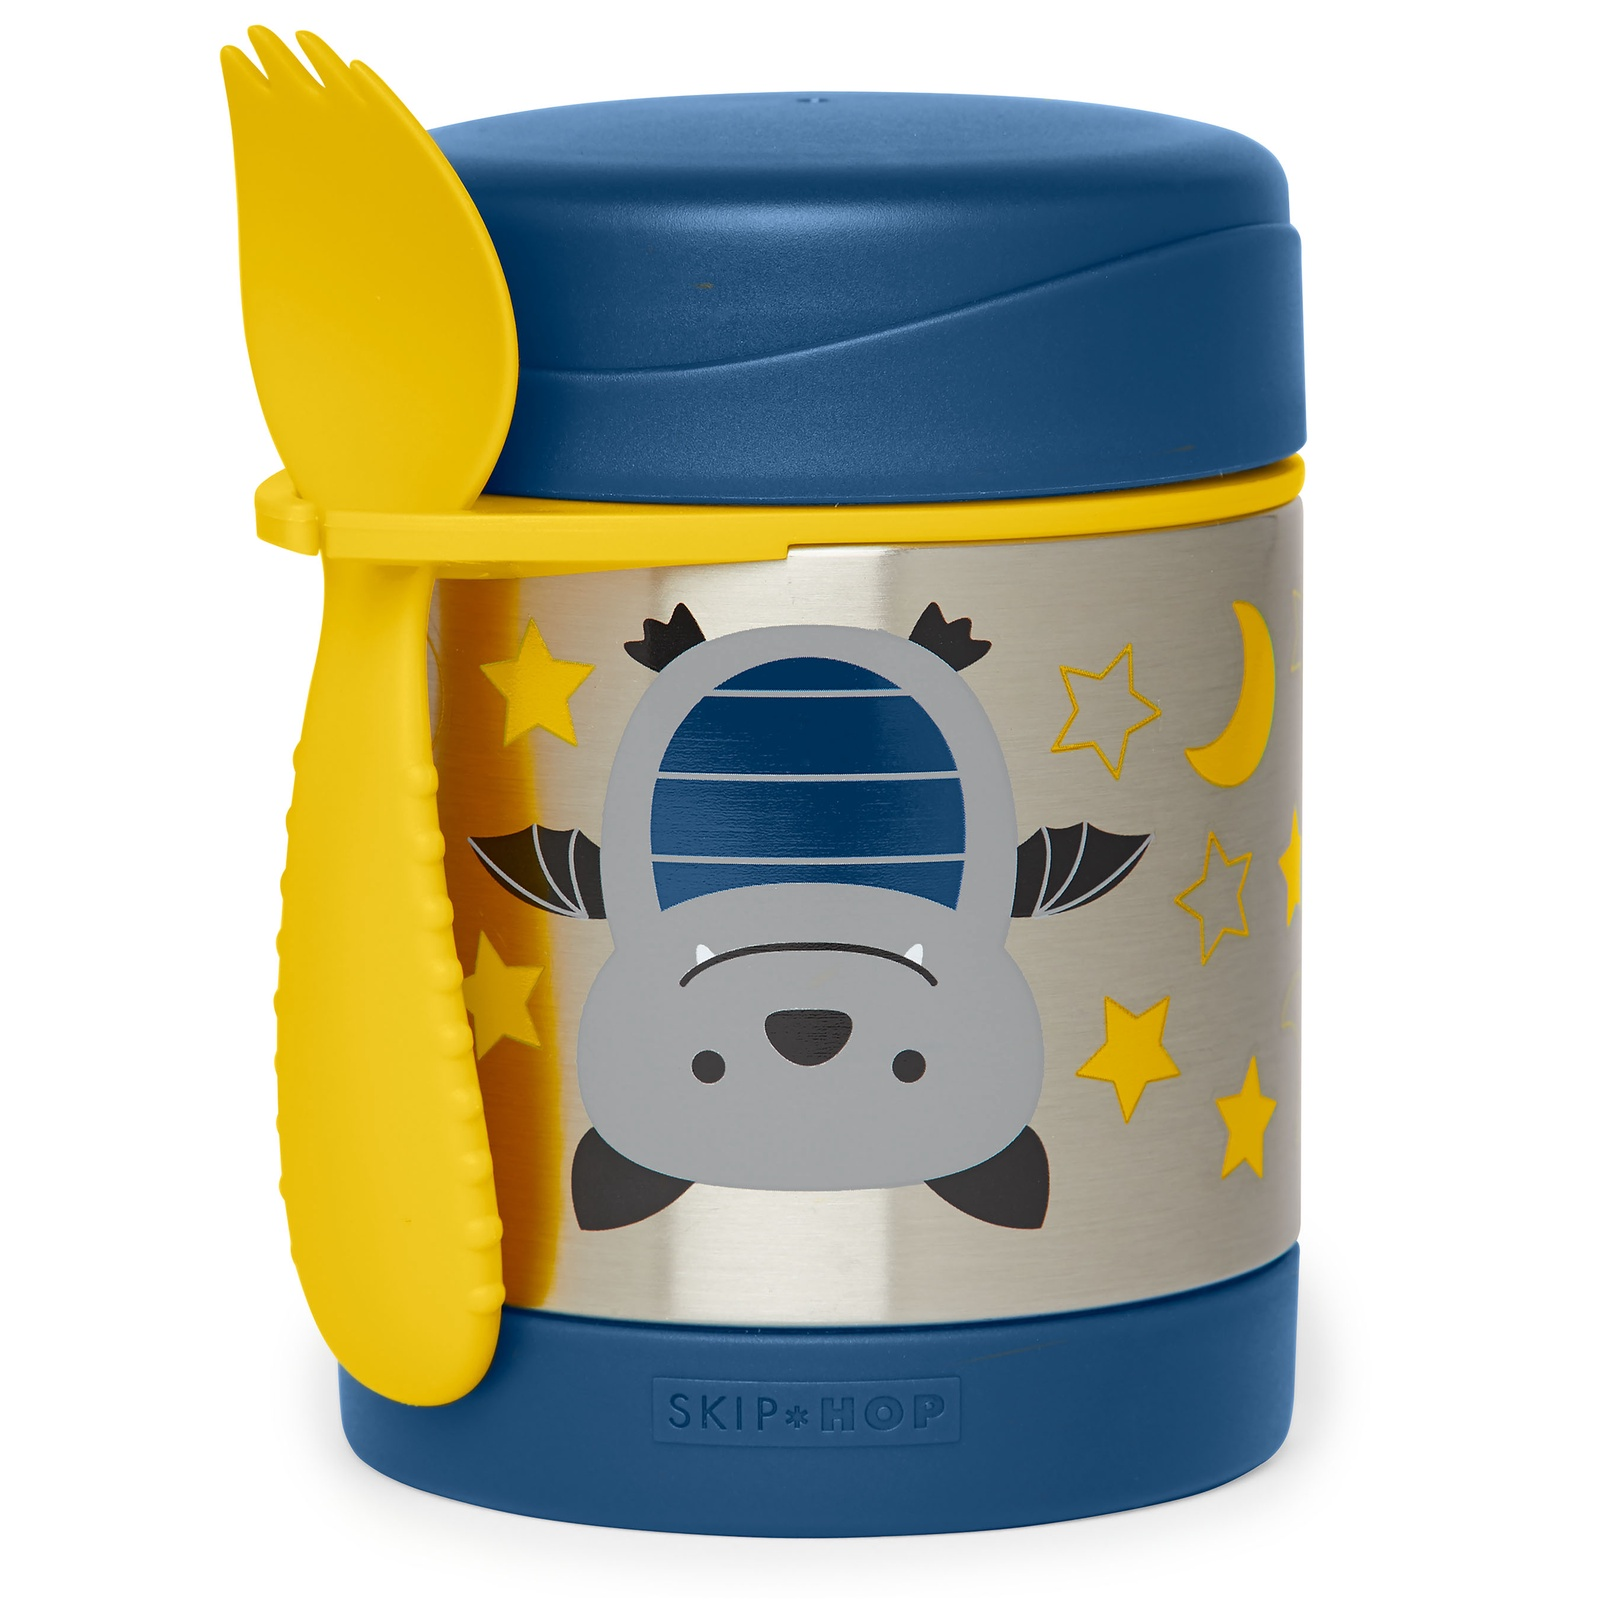 Термос SkipHop со столовым прибором Летучая мышь SH 252385, синий, желтый